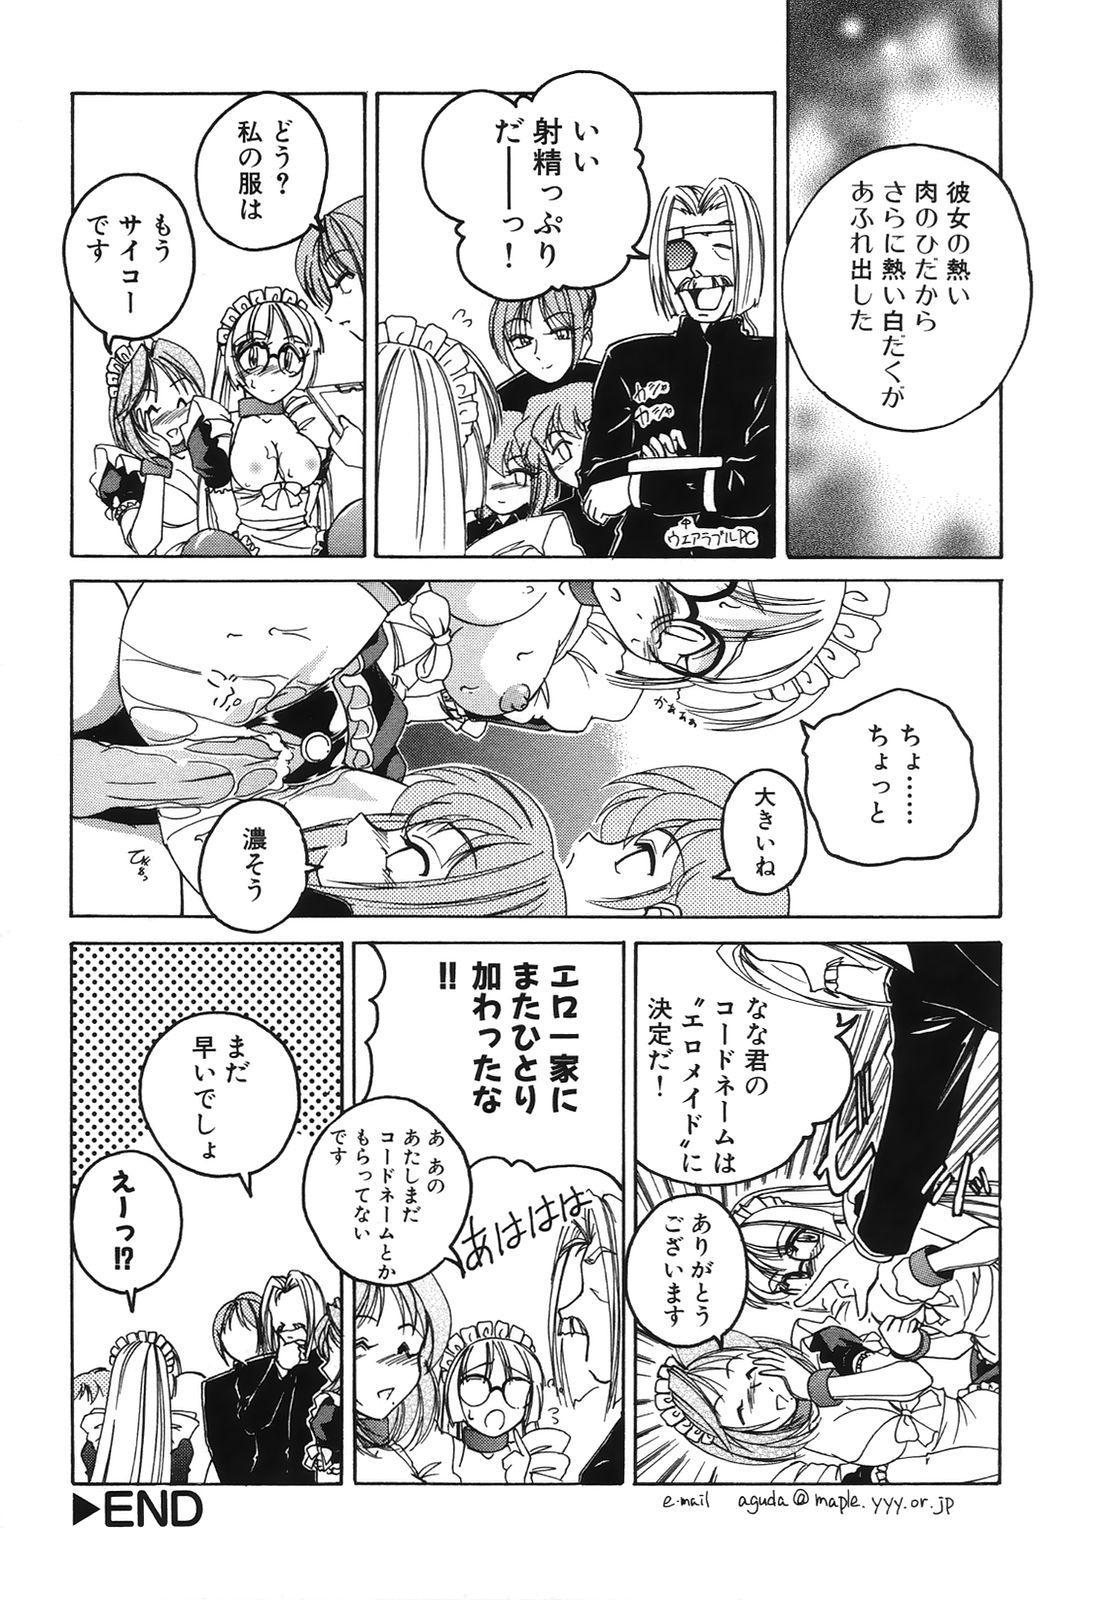 Omake No Musume 152